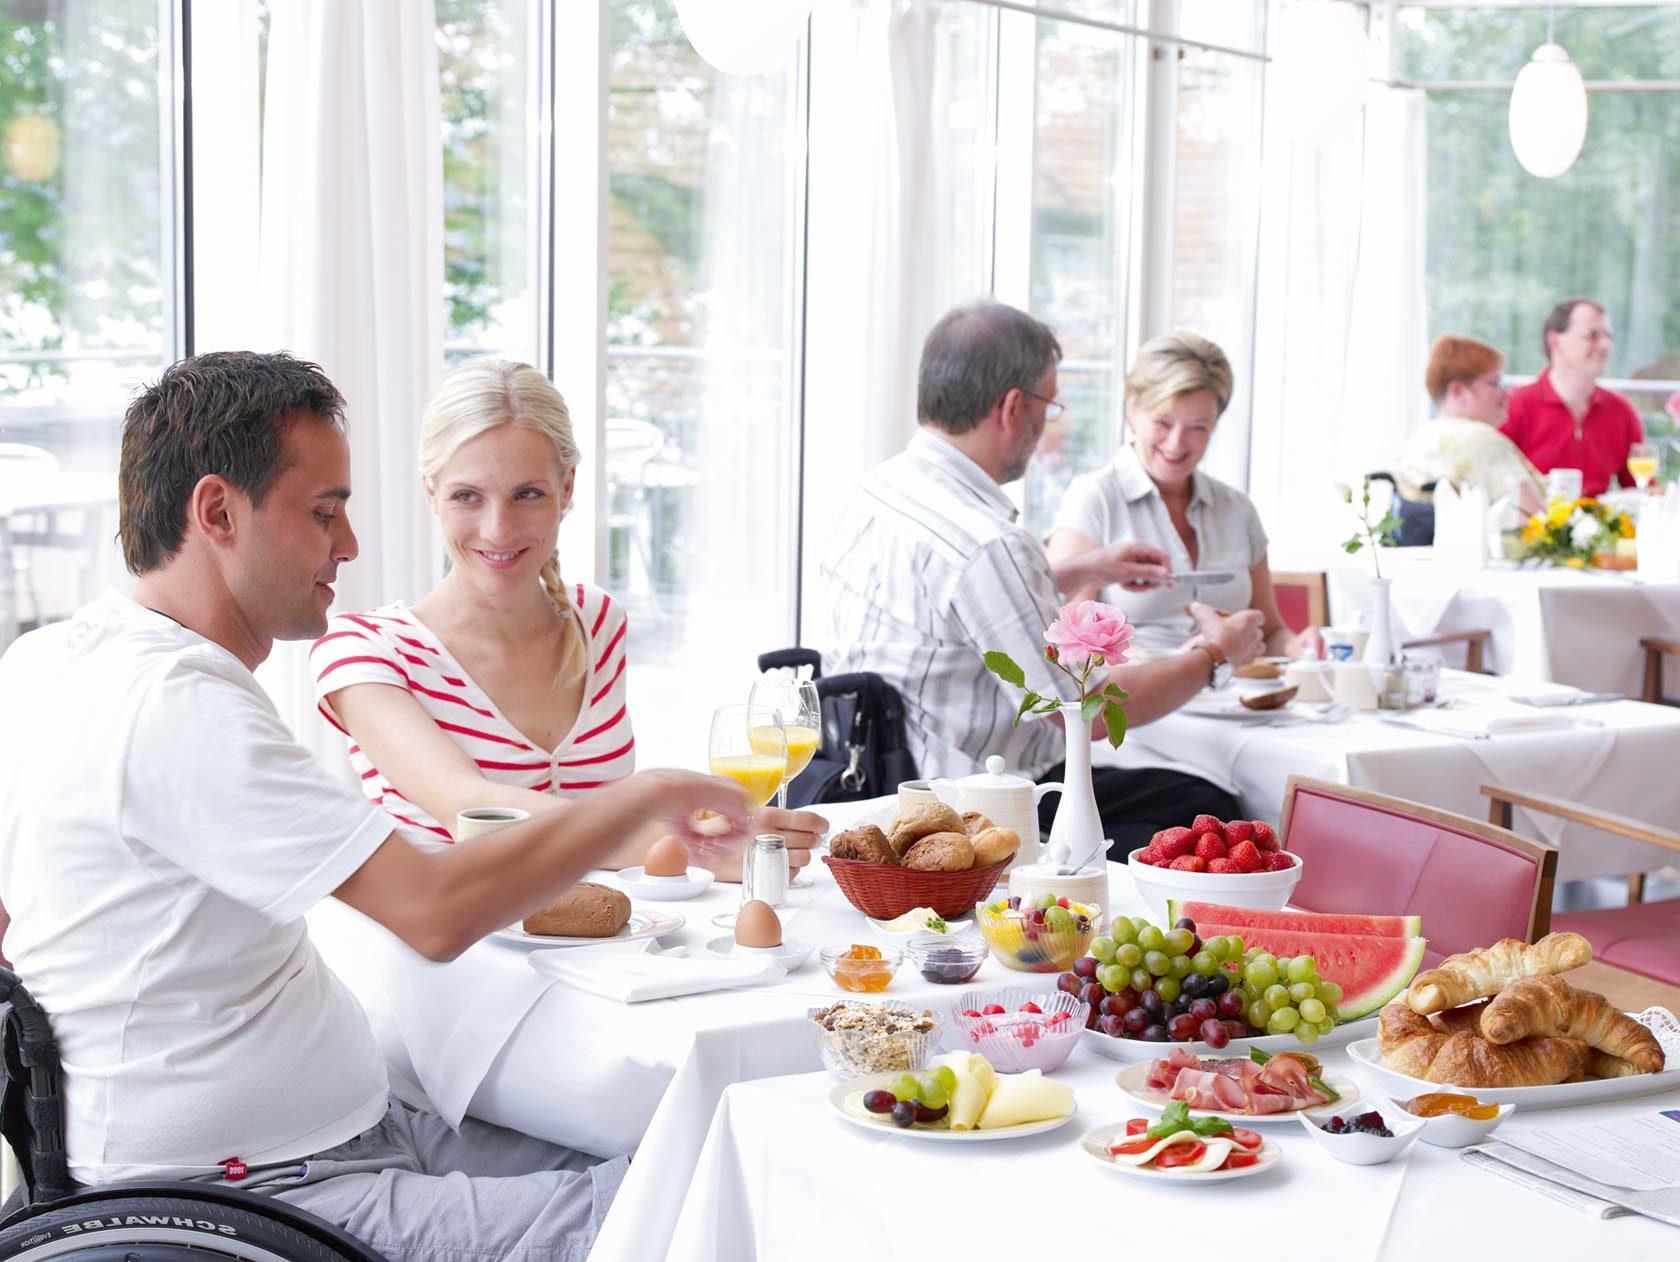 Restaurant des Seehotel Rheinsberg